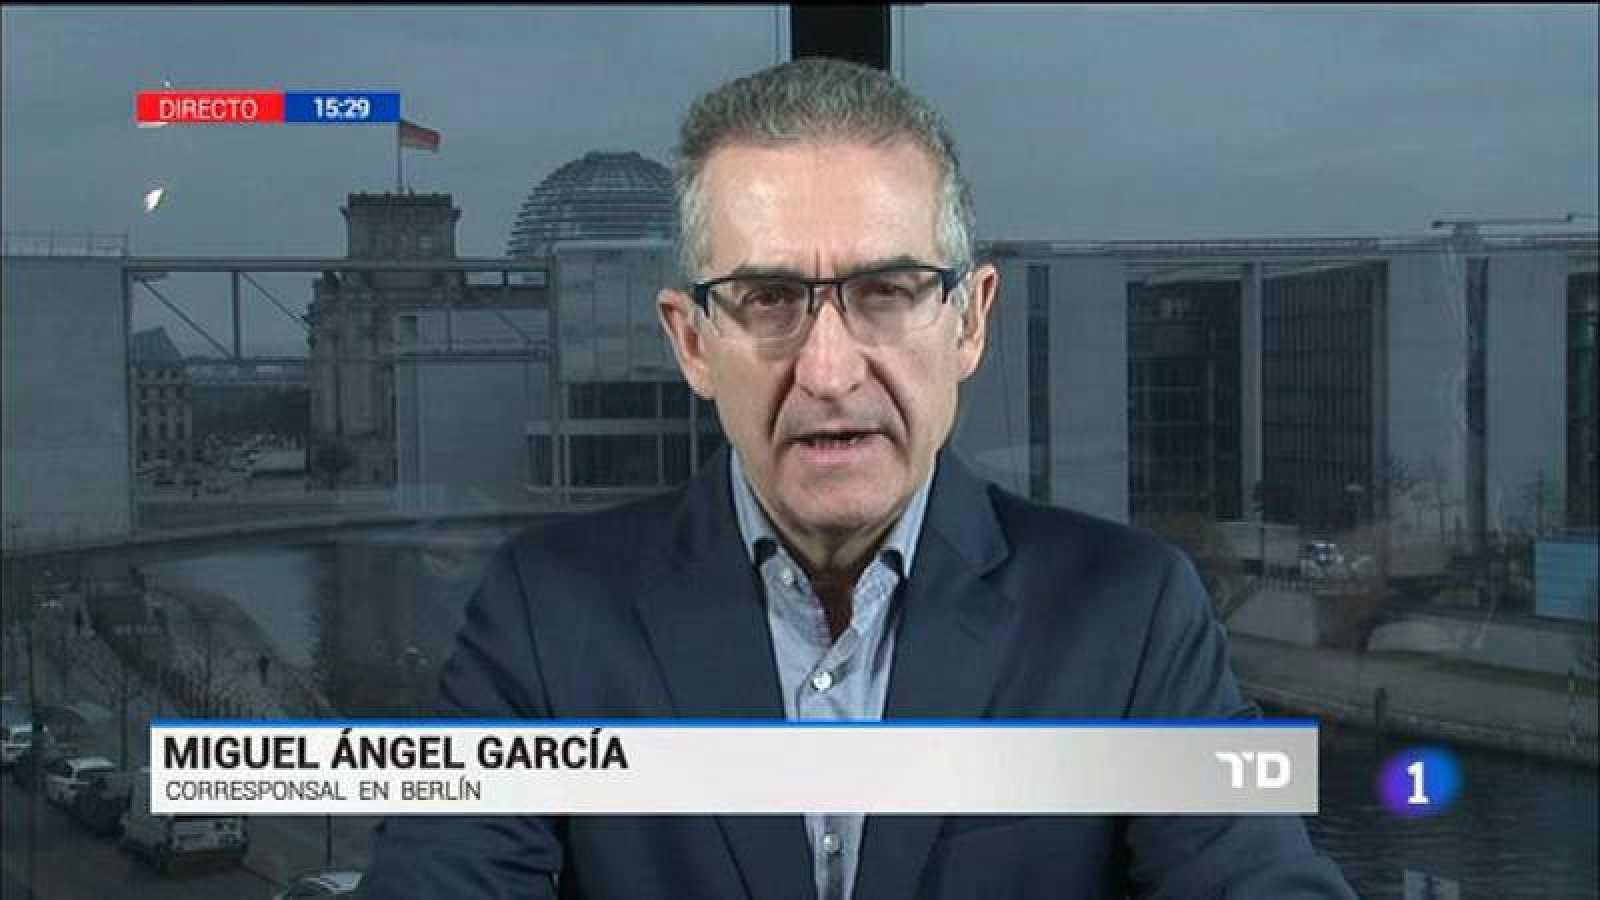 Miguel Ángel García Rodríguez, corresponsal de RNE en Berlín